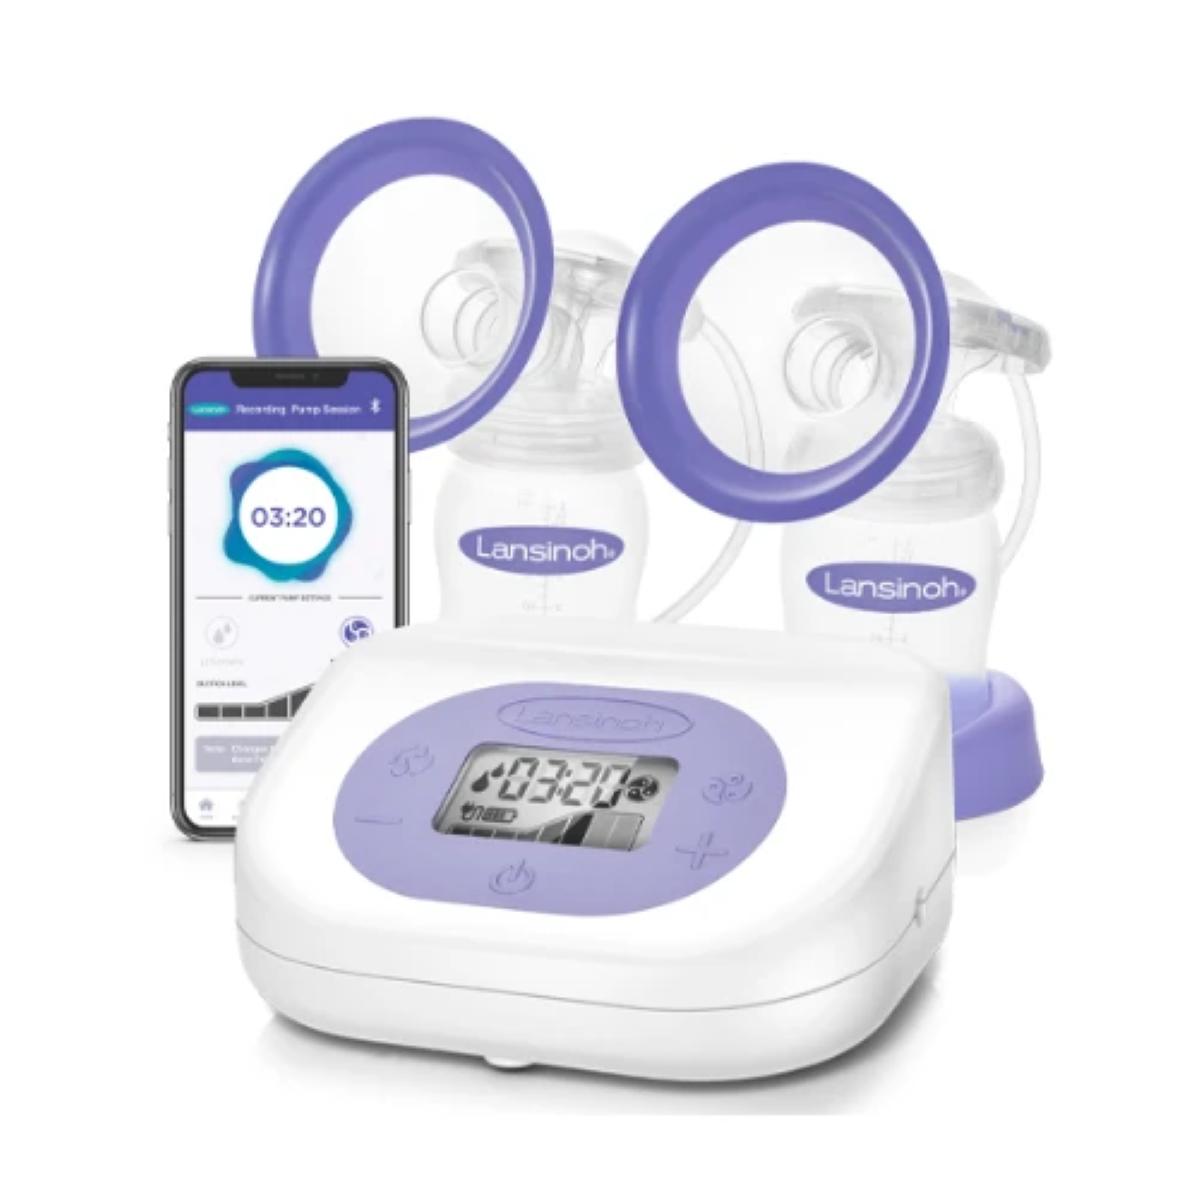 Lansinoh Smartpump 2.0 - Design